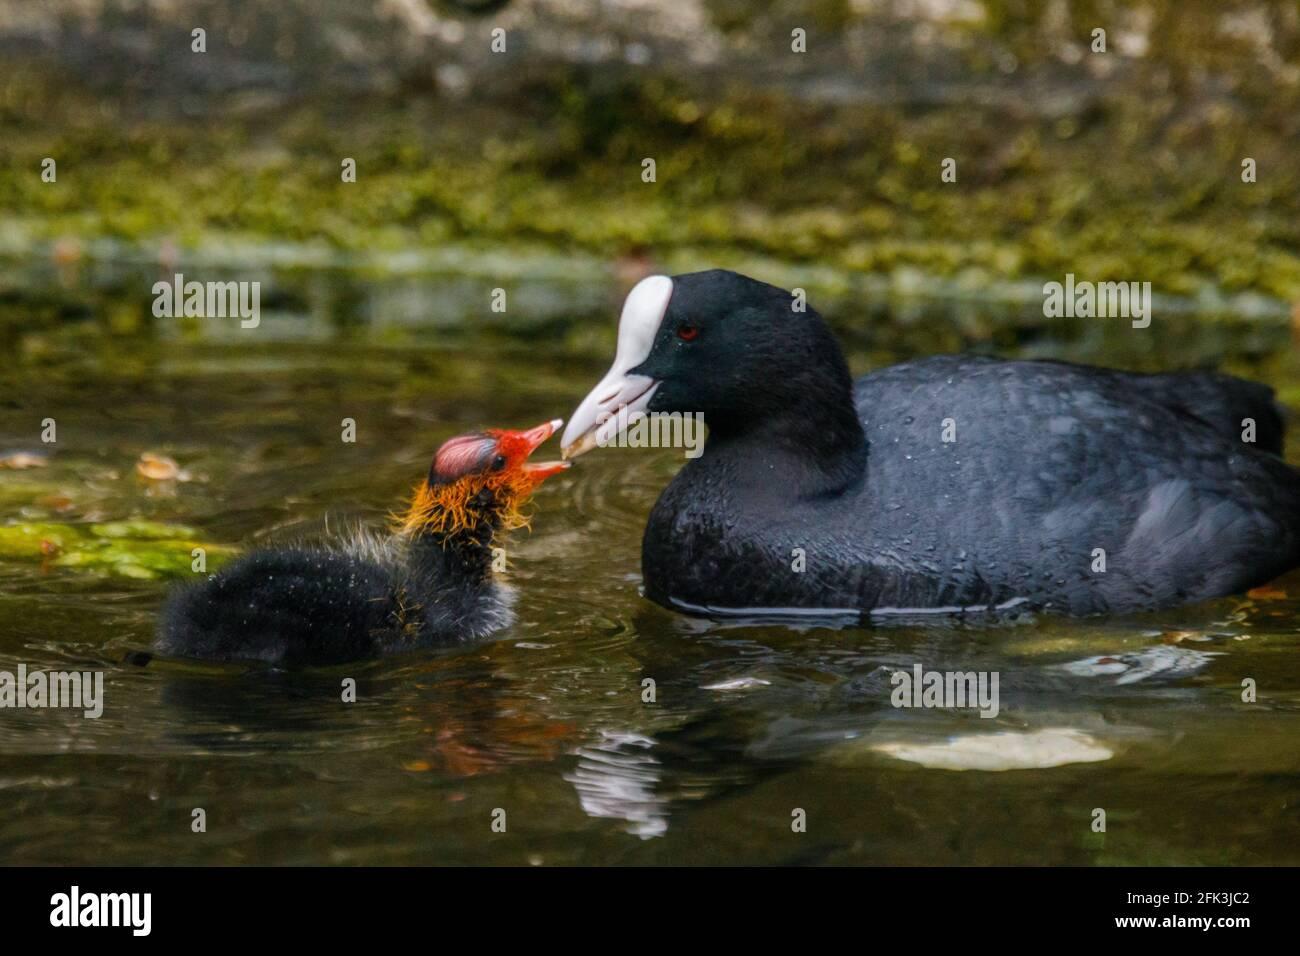 Wapping Canal, London, Großbritannien. April 2021. Die Fütterung von Coot ist ein Baby Cootie auf einem städtischen Kanal in Wapping, East London. Amanda Rose/Alamy Stockfoto